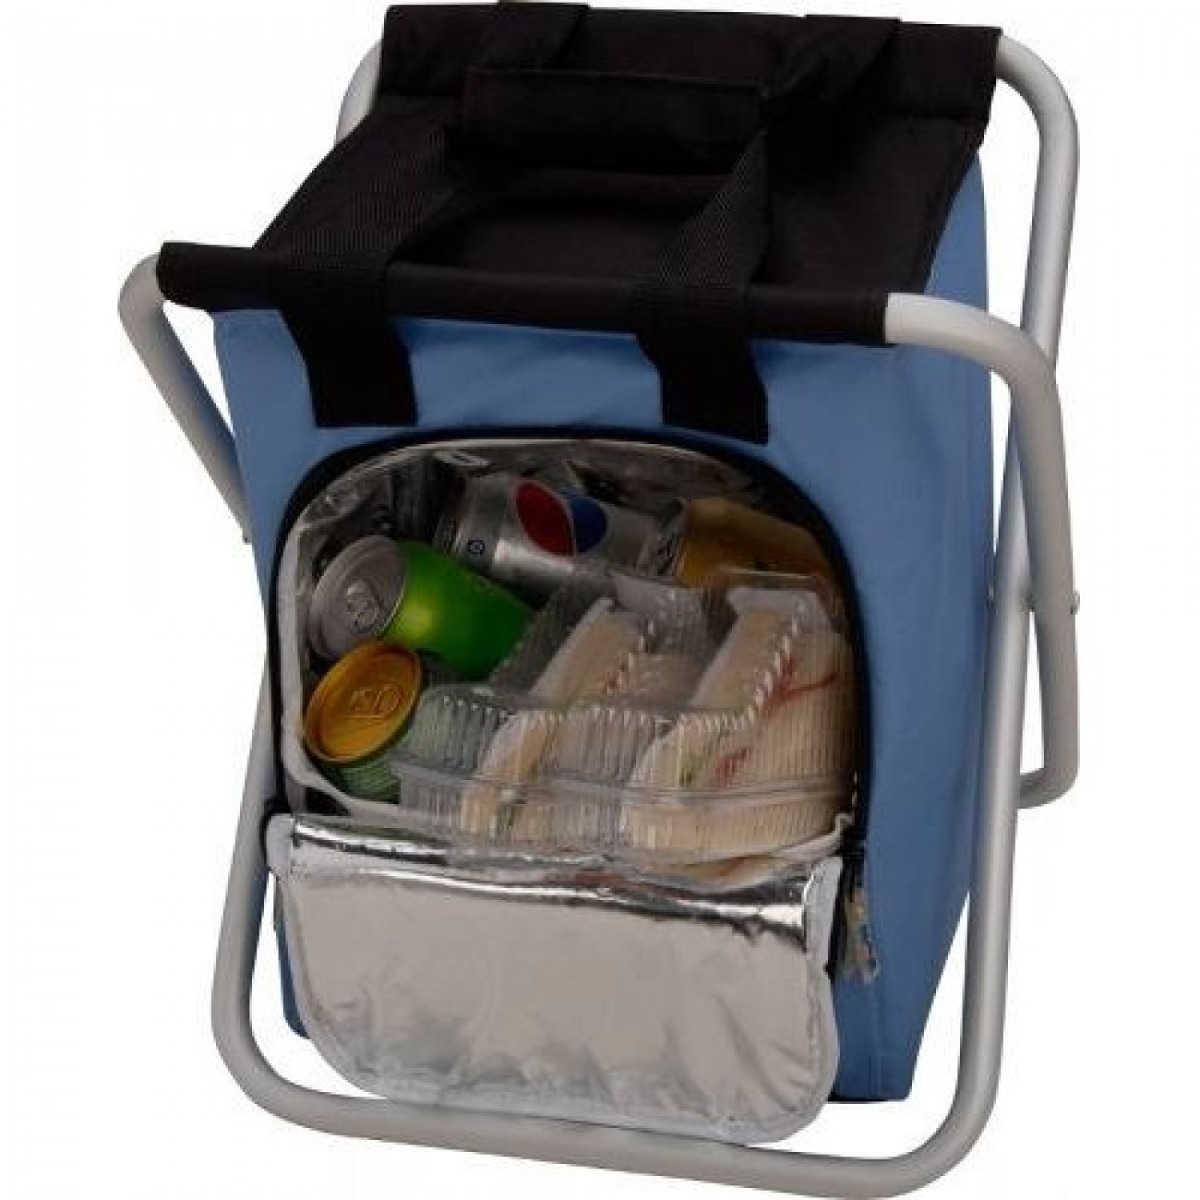 Banqueta Cooler Bolsa Térmica 25 Litros Dobrável Camping Pescaria - Mr8 3630 MOR